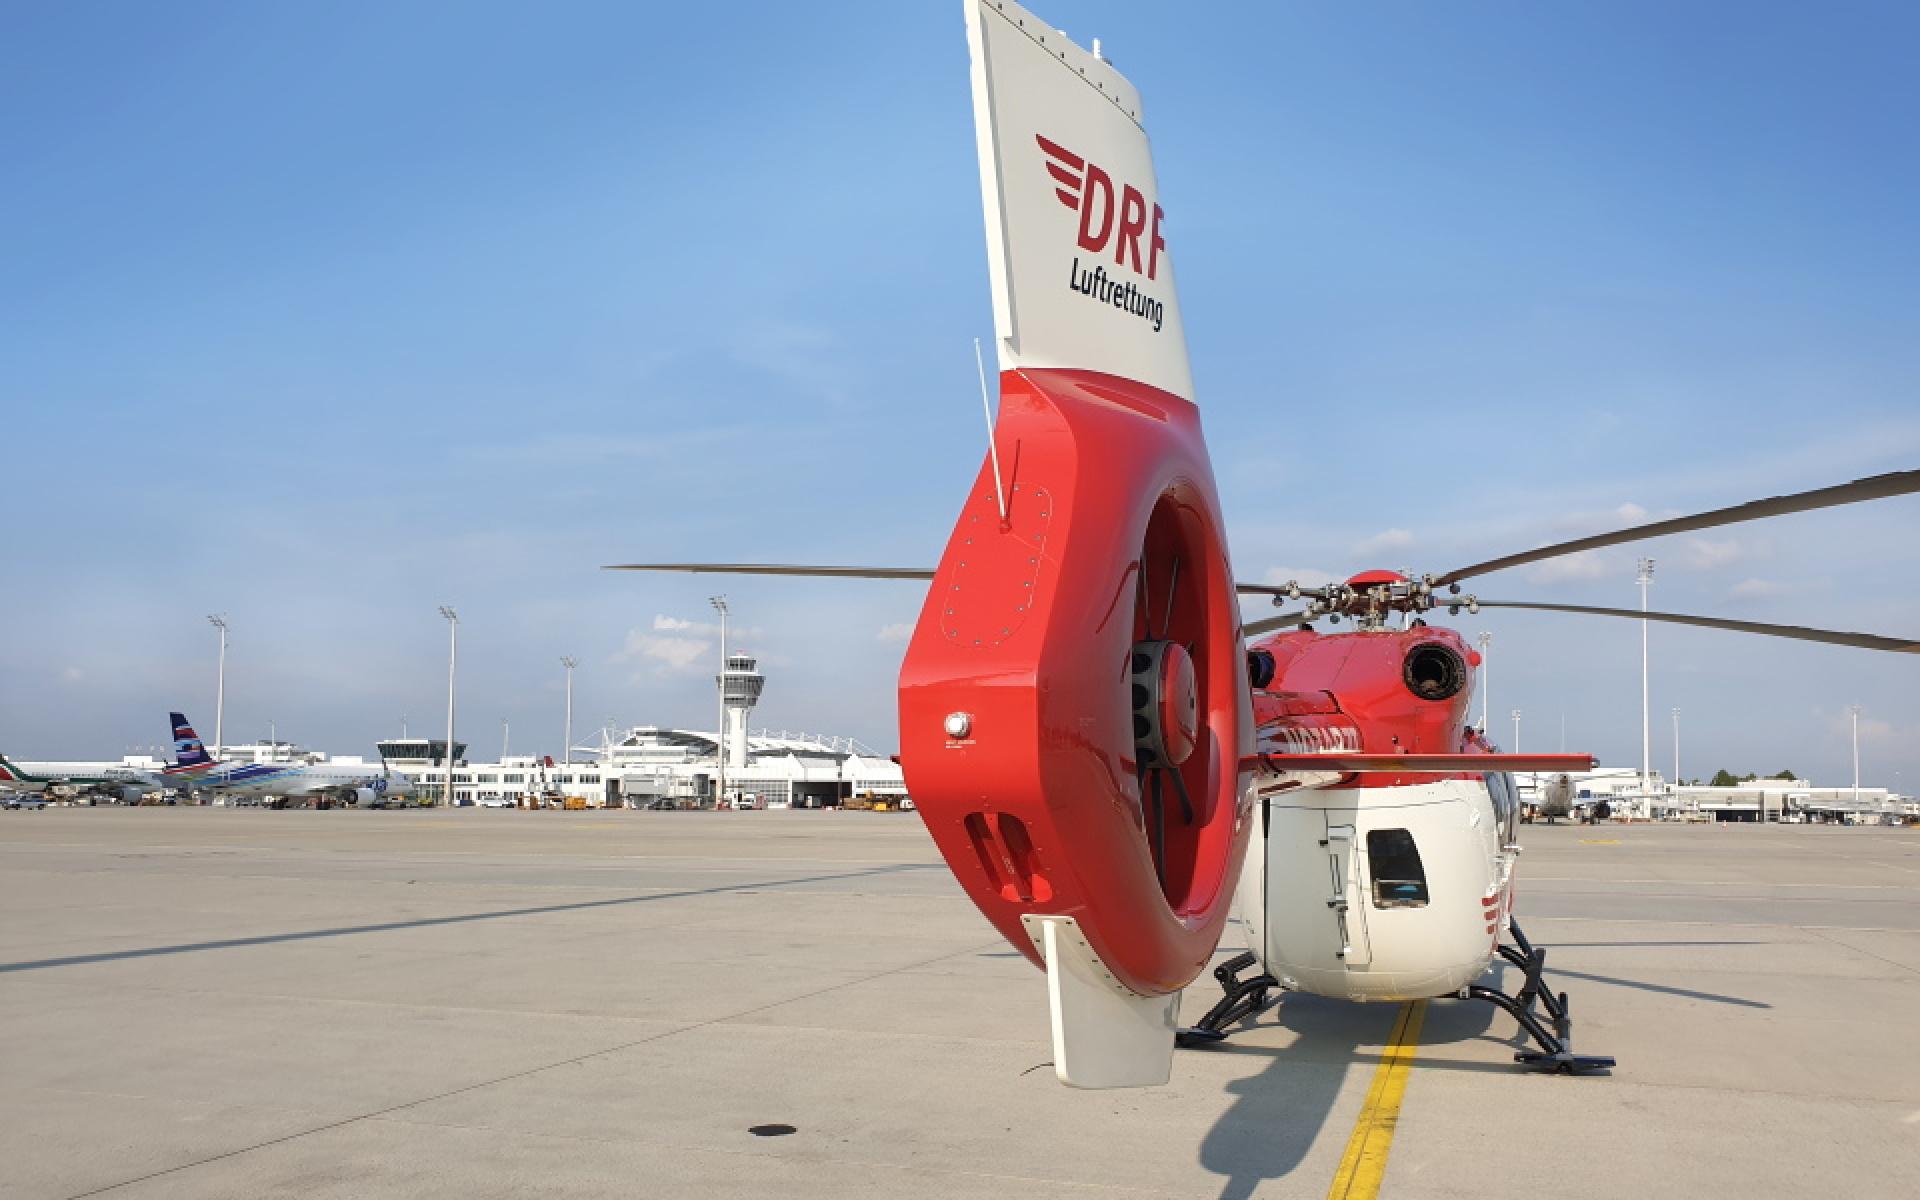 Der an der Station München eingesetzte Hubschrauber ist 24 Stunden täglich einsatzbereit.